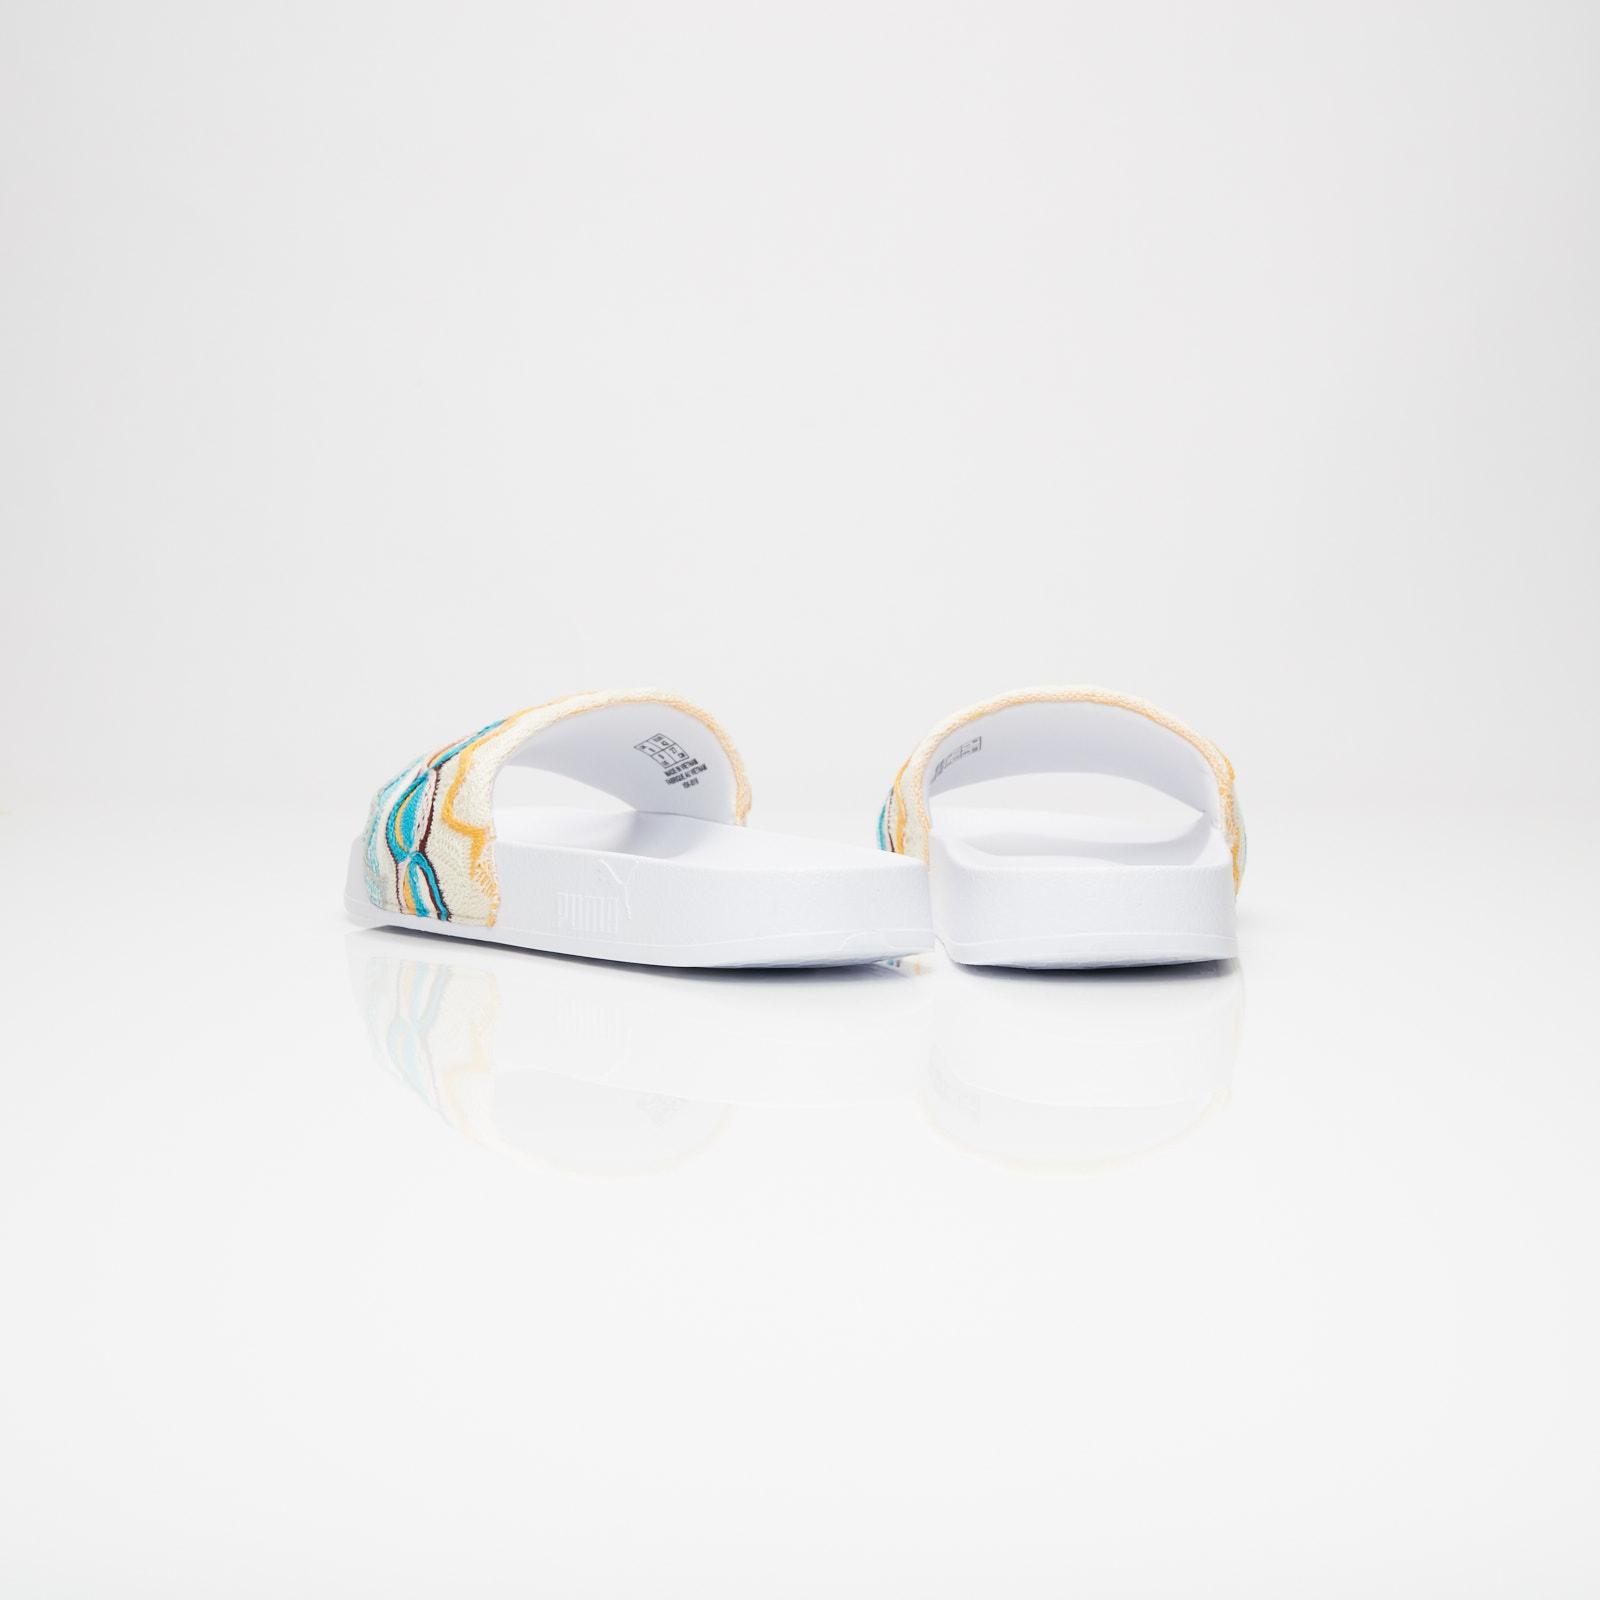 Puma Leadcat x Coogi - 367508-01 - Sneakersnstuff  7009fc2b4